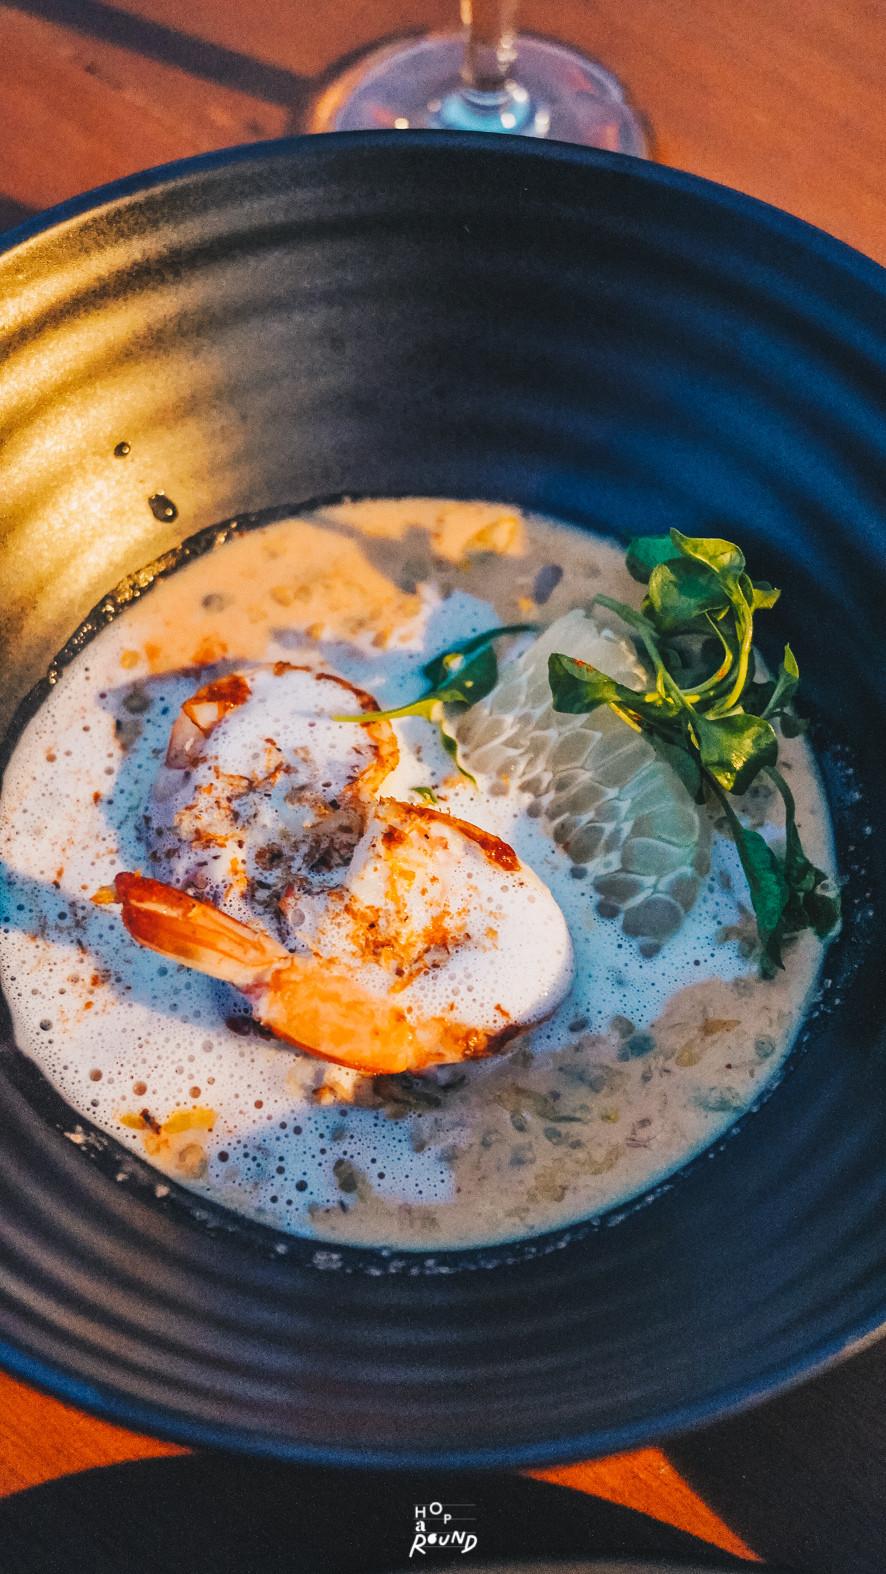 รีวิว RELO' The Urban Escape - Hua Hin รีโล่ ดิ เออเบิ้ล เอสเคป หัวหิน แสนสบายและเป็นส่วนตัว อาหารที่โรงแรมรีโล่ Relo food restaurant อาหารทะเลอร่อยหัวหิน